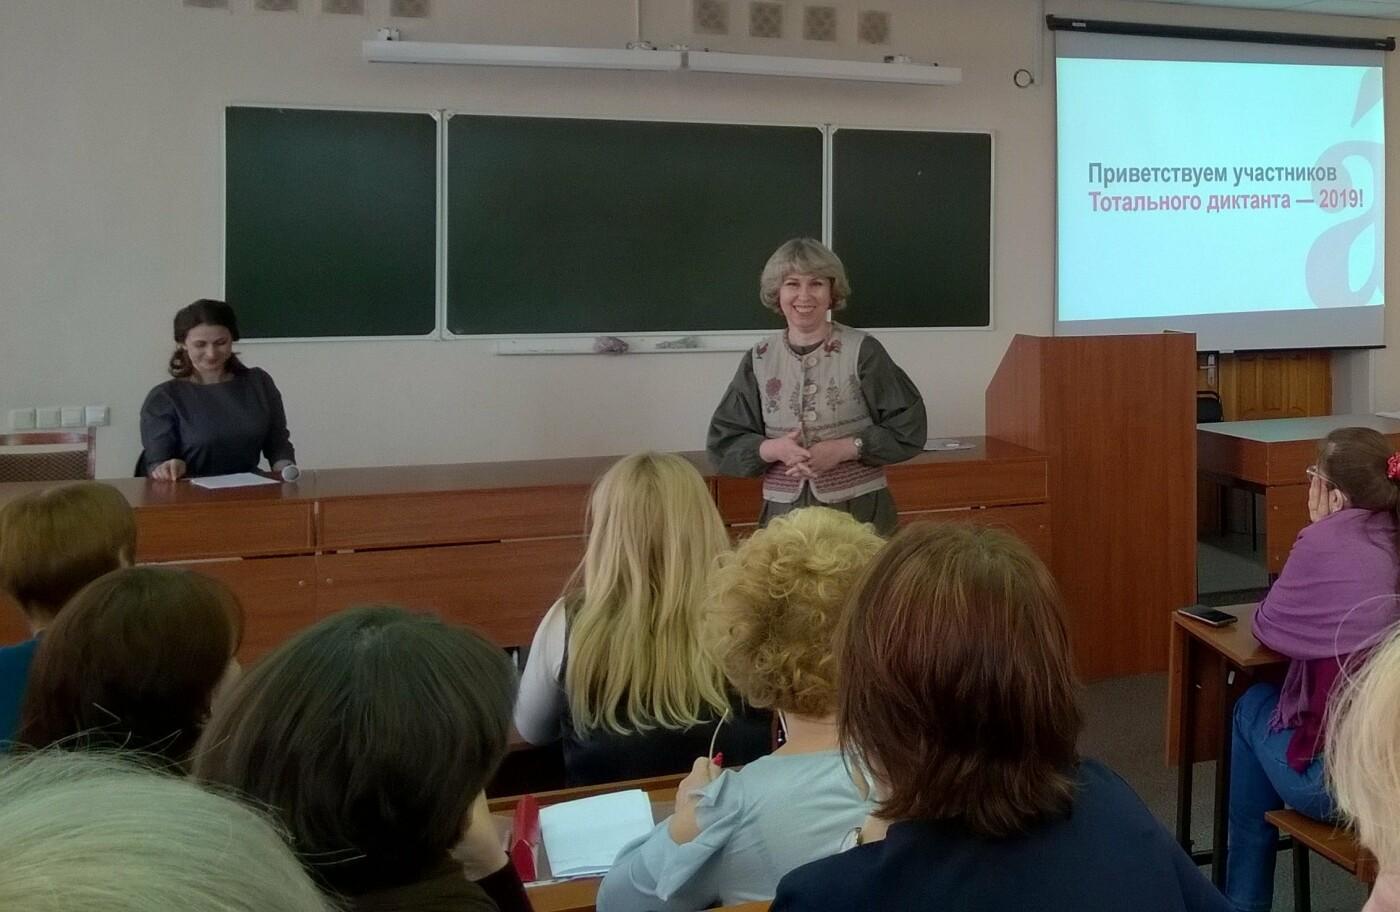 Местным чтецом (или, как было объявлено публике, «диктатором») выступила Светлана Малькова